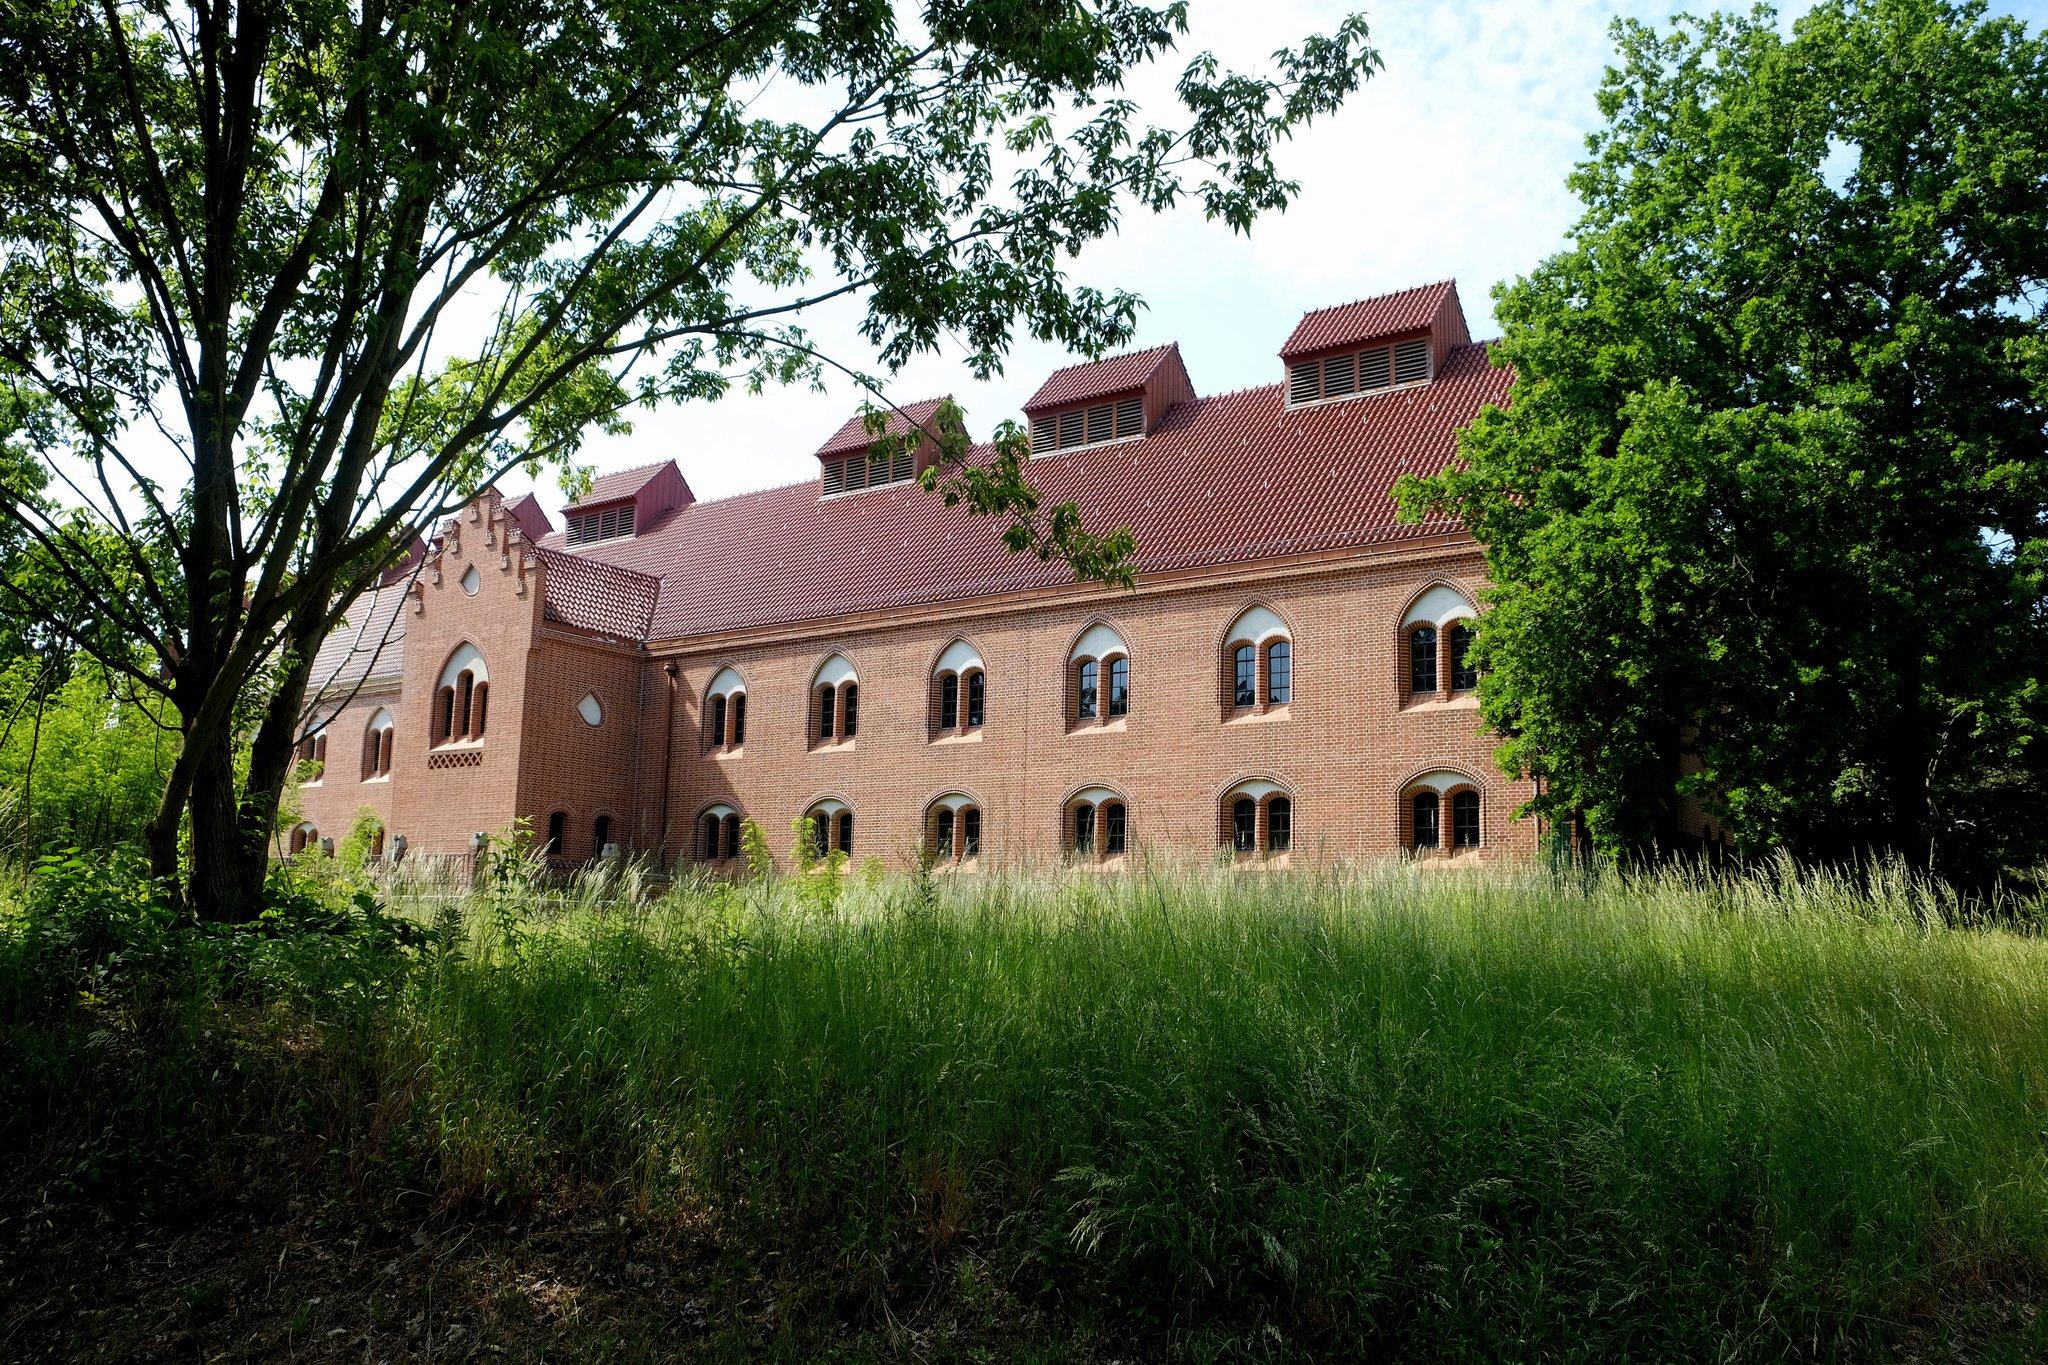 Wasserbetriebe sanieren historische bauten am m ggelseedamm friedrichshagen - Kastenfenster sanieren berlin ...